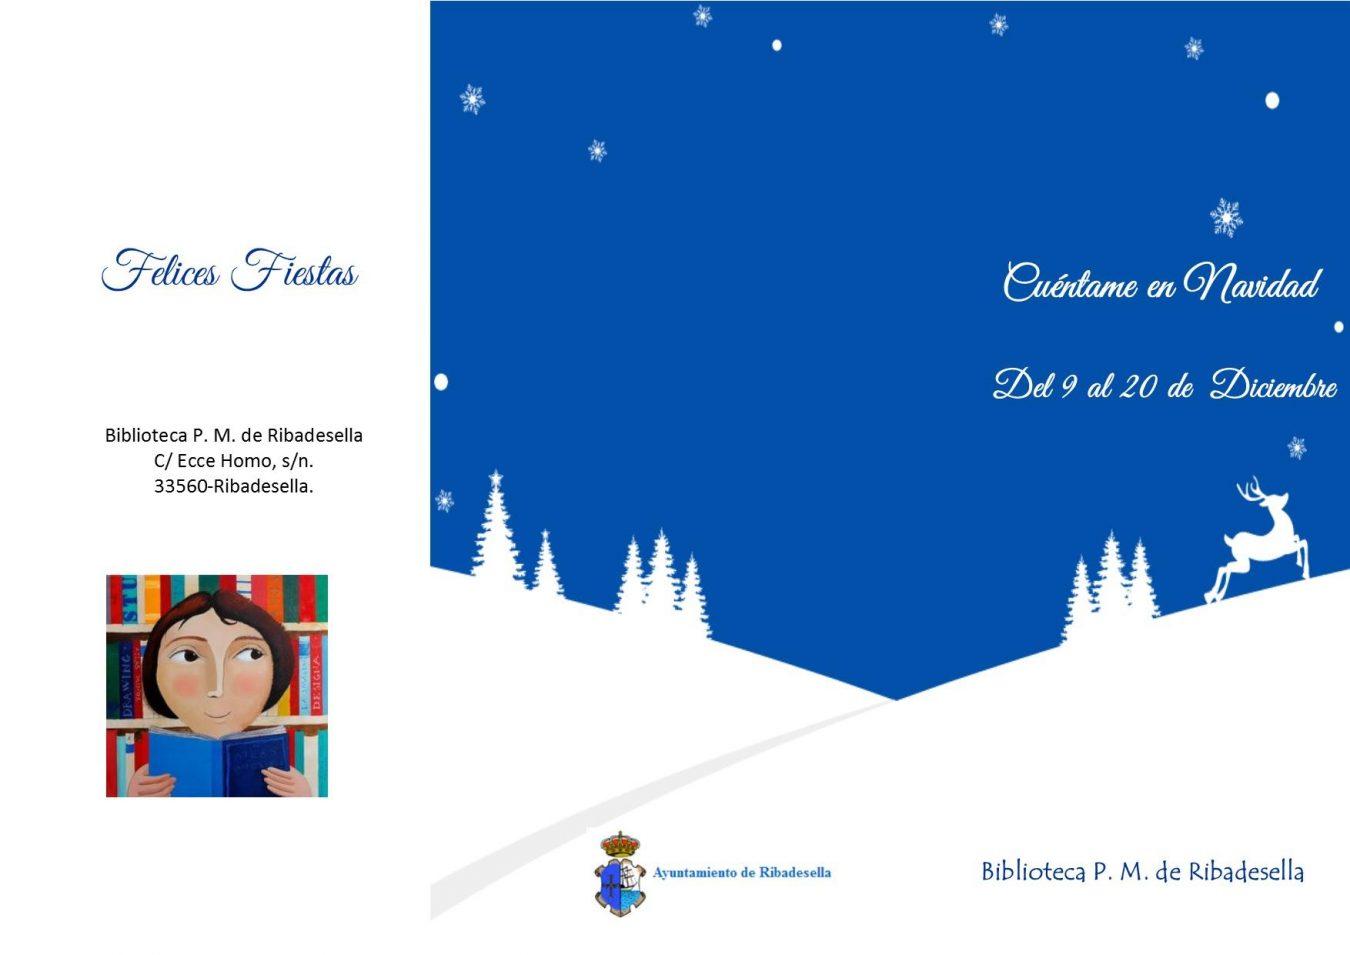 La Biblioteca de Ribadesella busca cuenta-cuentos para pasar juntos la Navidad